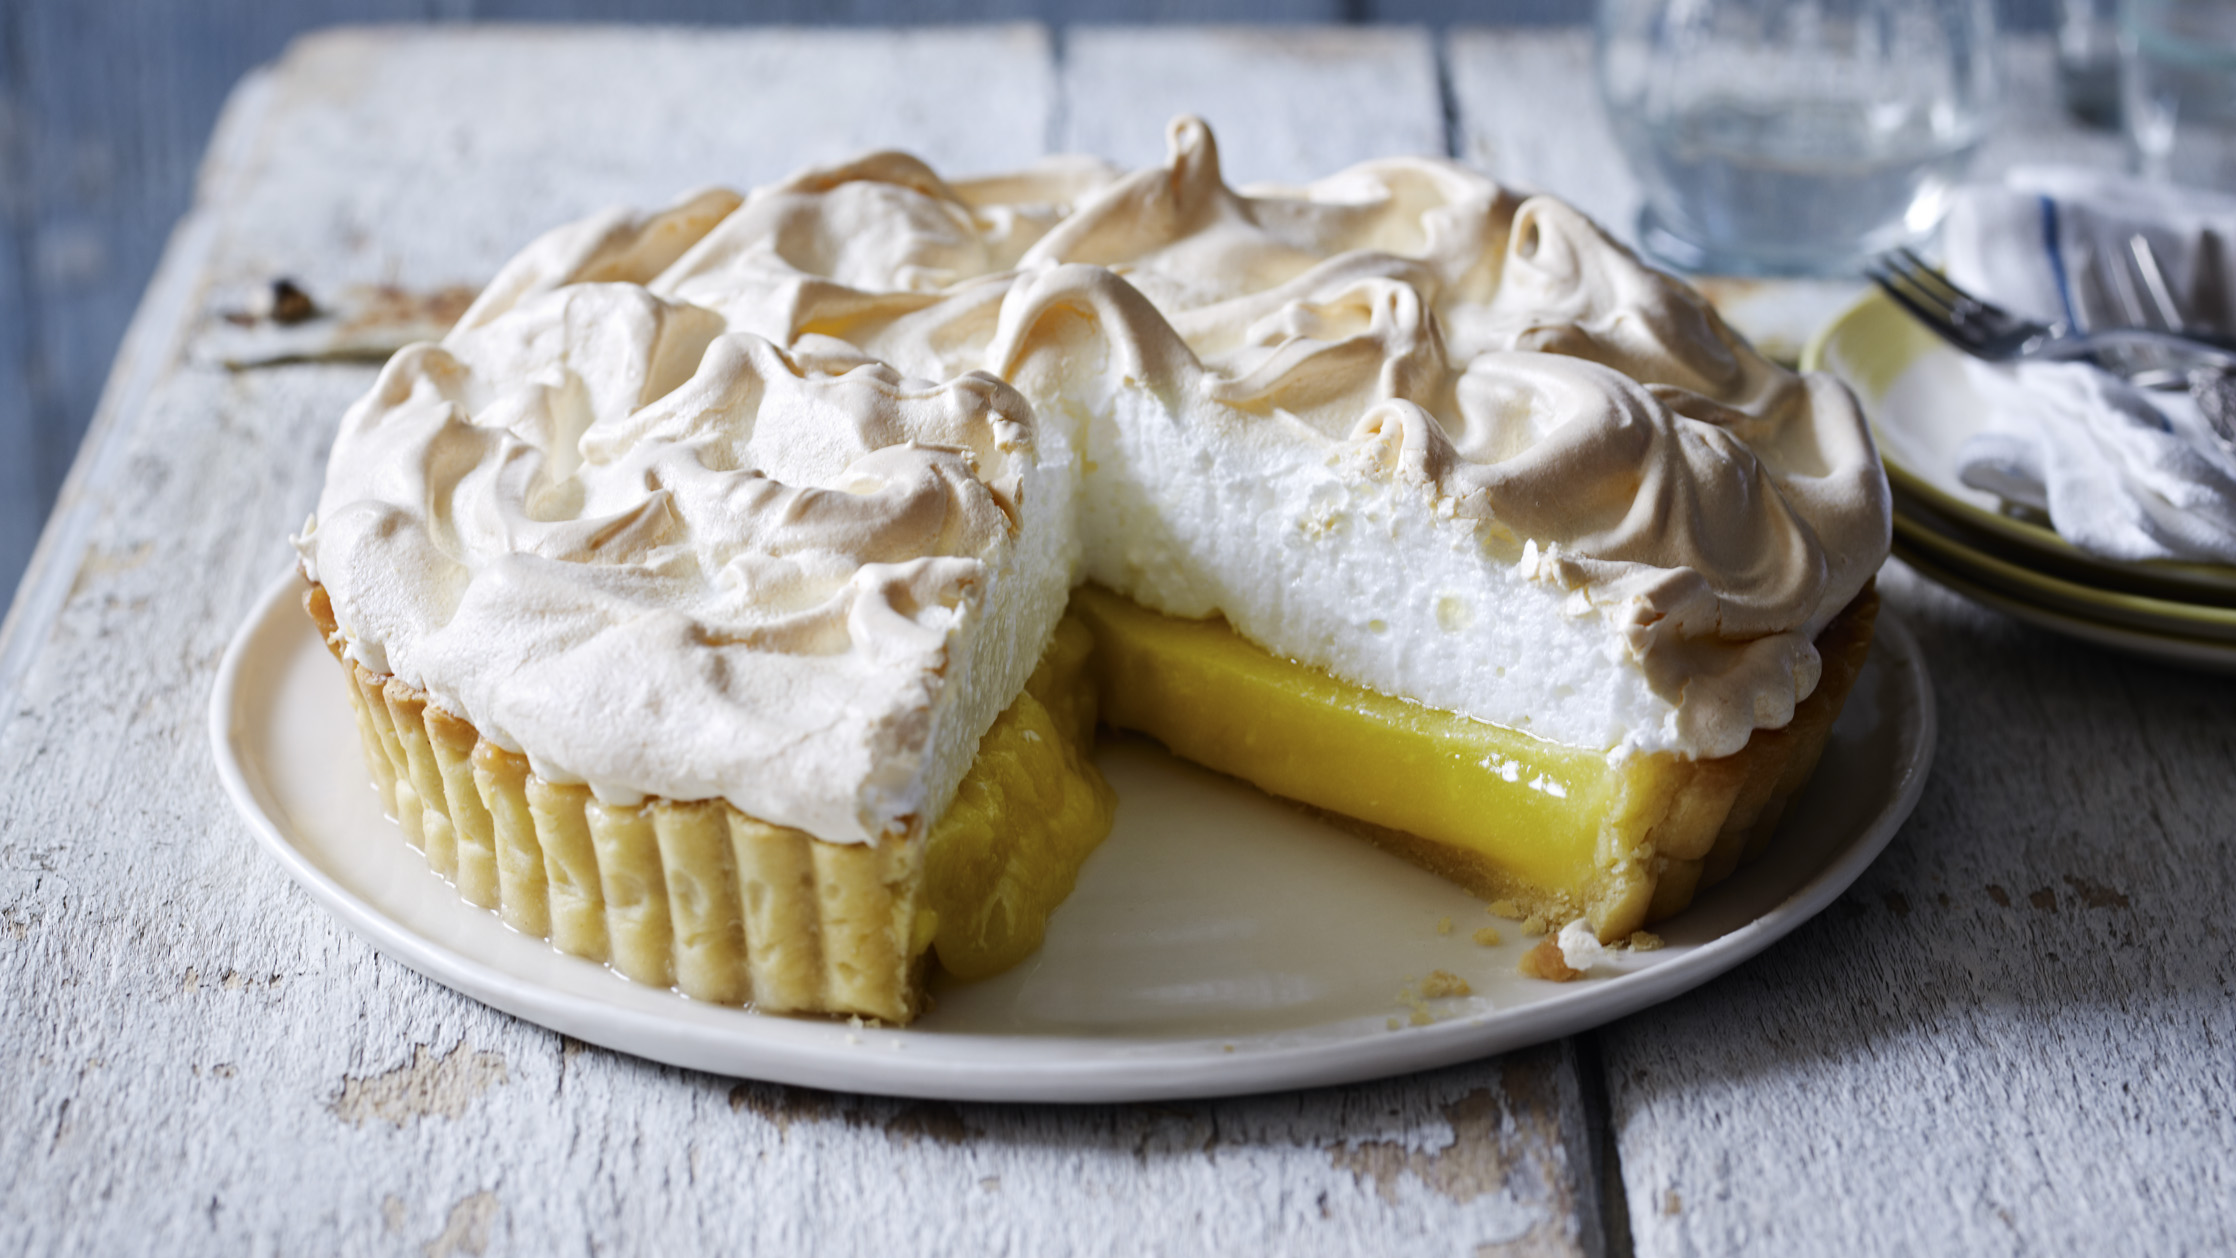 Lemon meringue pies